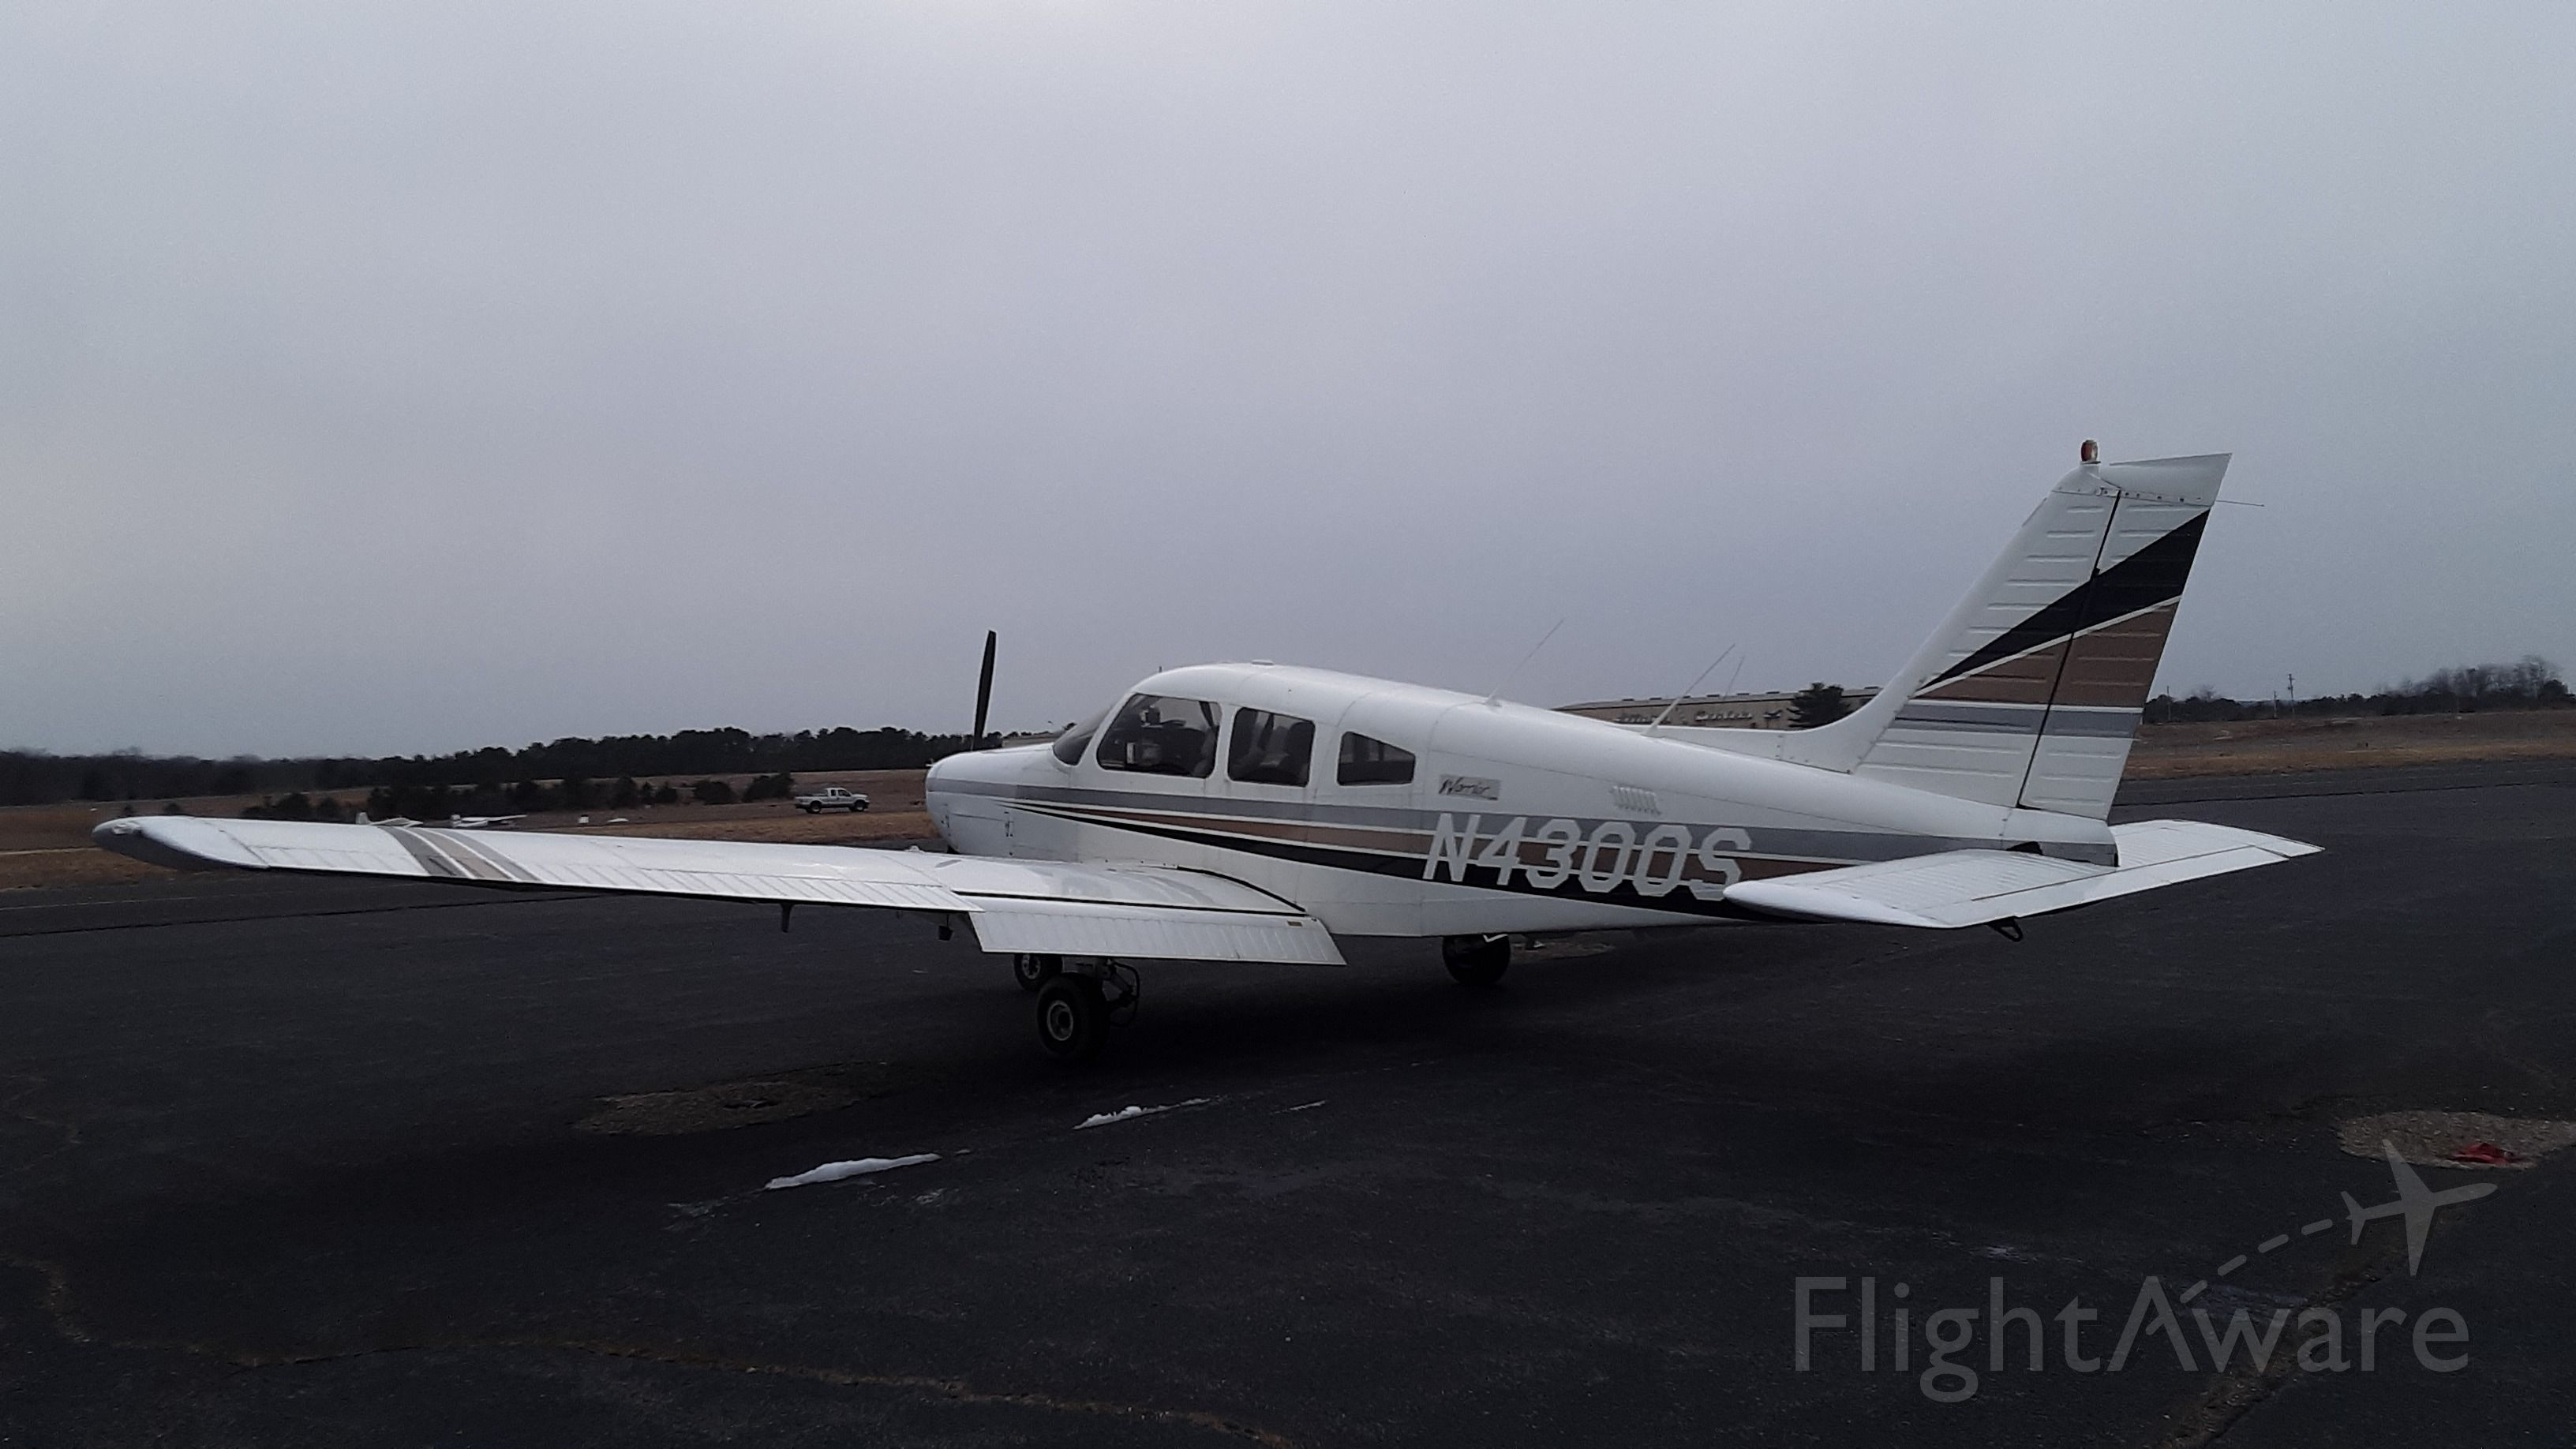 Piper Cherokee (N4300S)